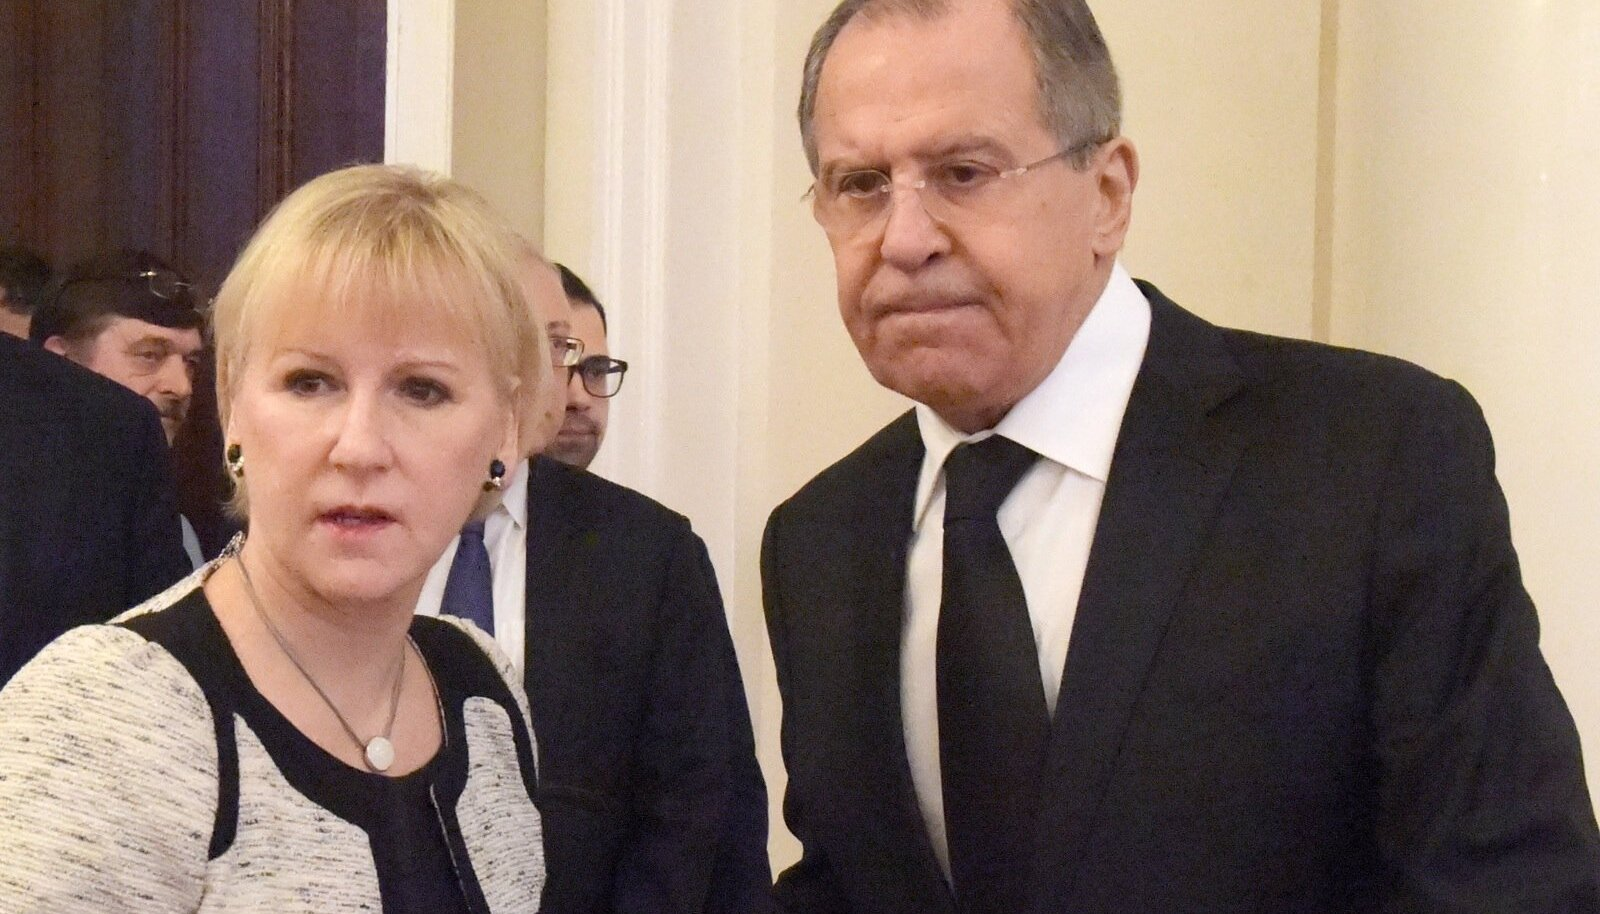 Margot Wallström ja Sergei Lavrov